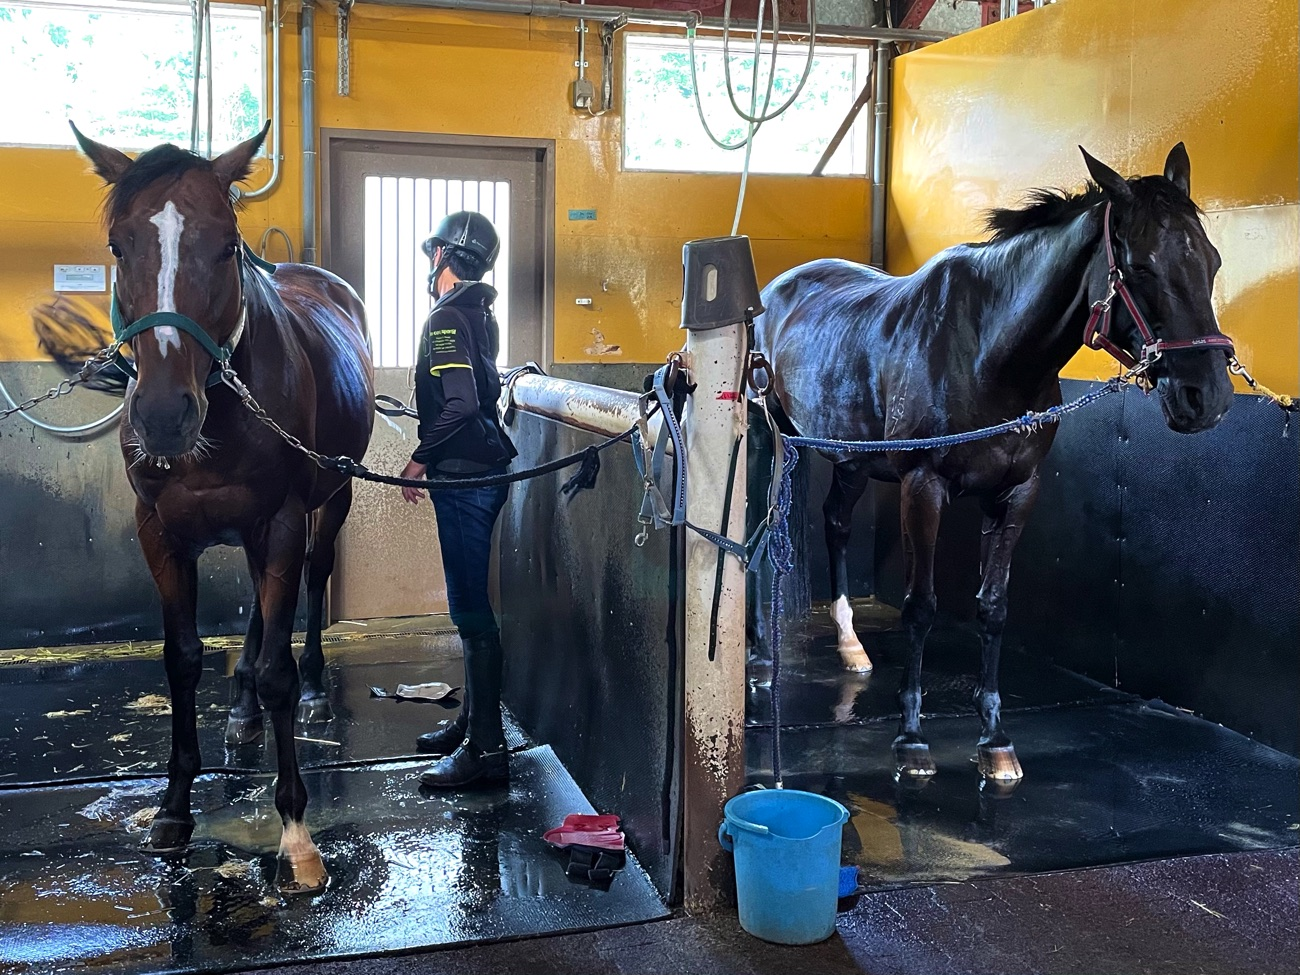 馬にかかわる仕事を目指すことができる